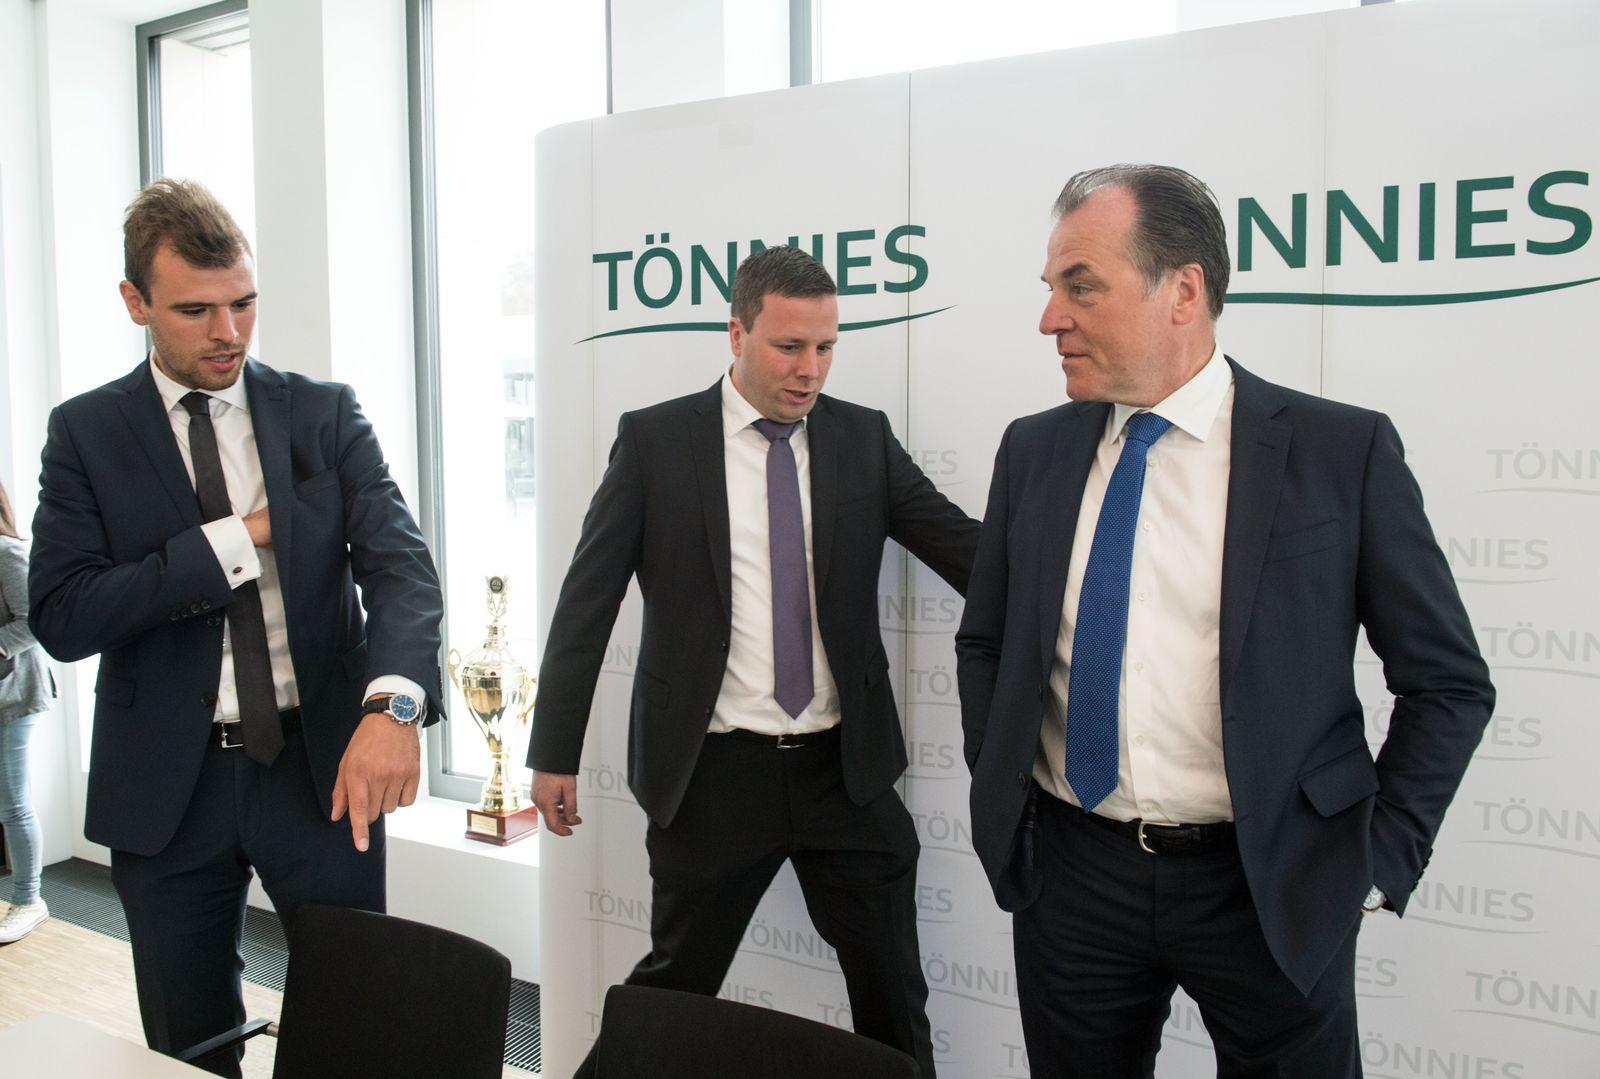 Robert und Clemens Tönnies